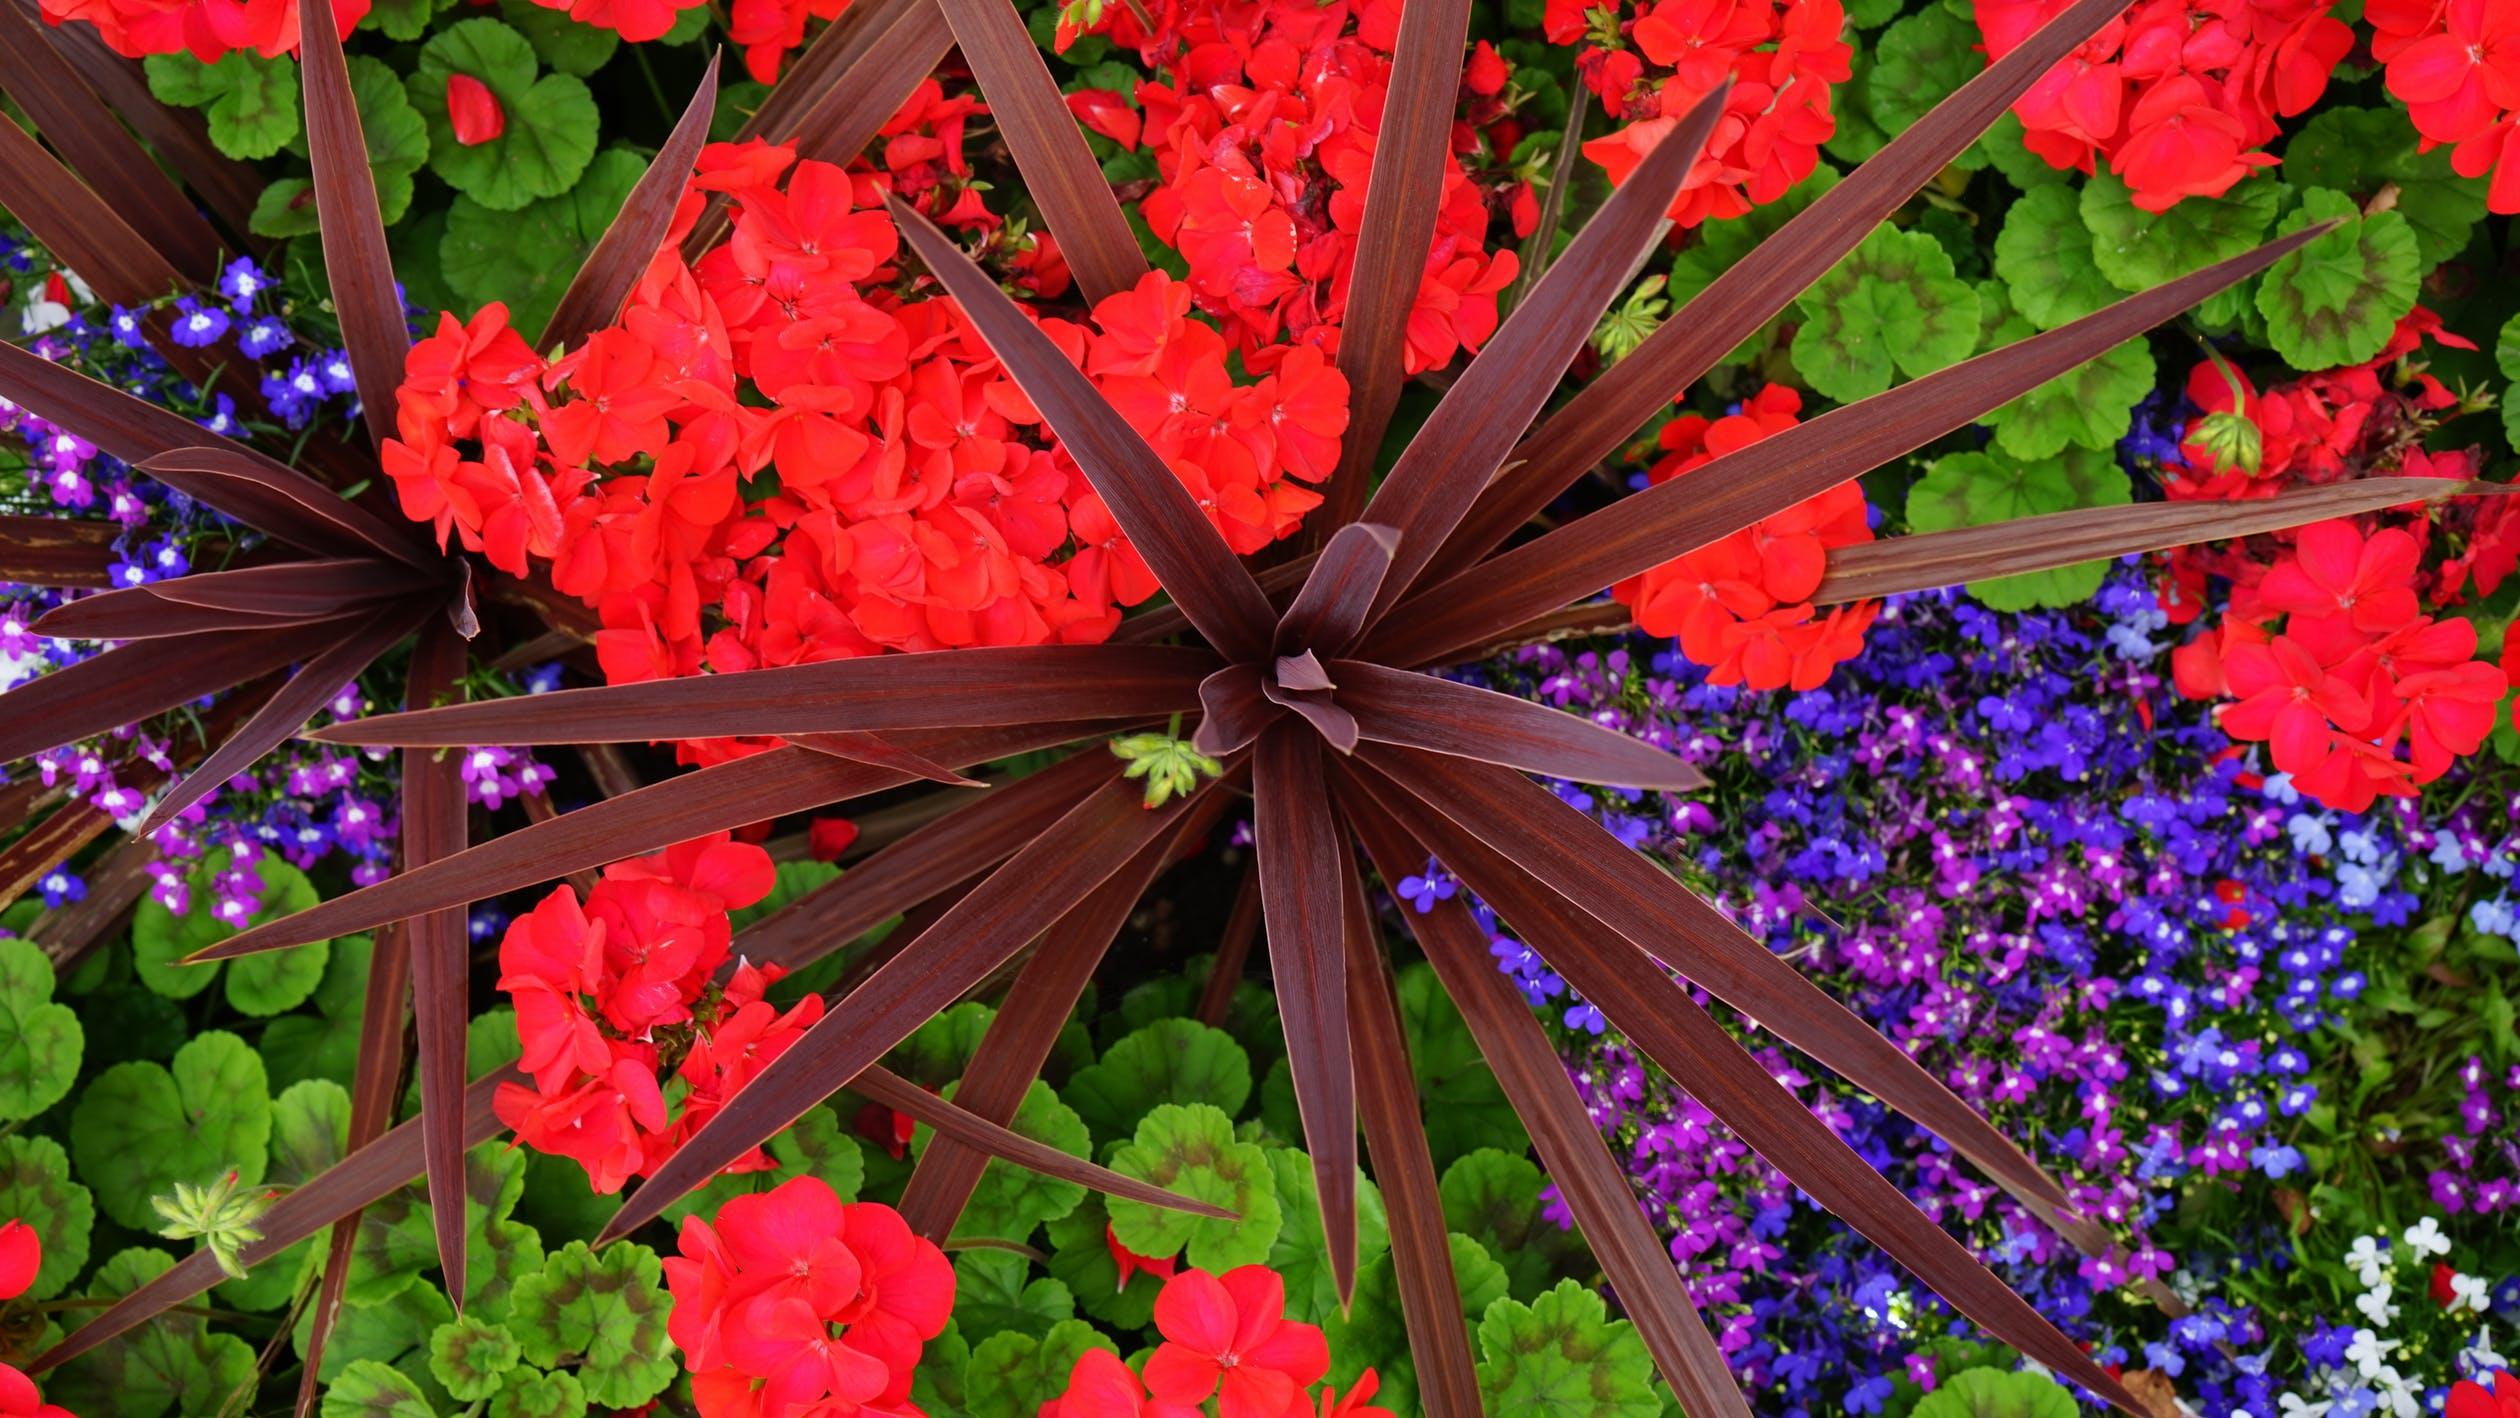 thiết kế sân vườn thực vật đỏ